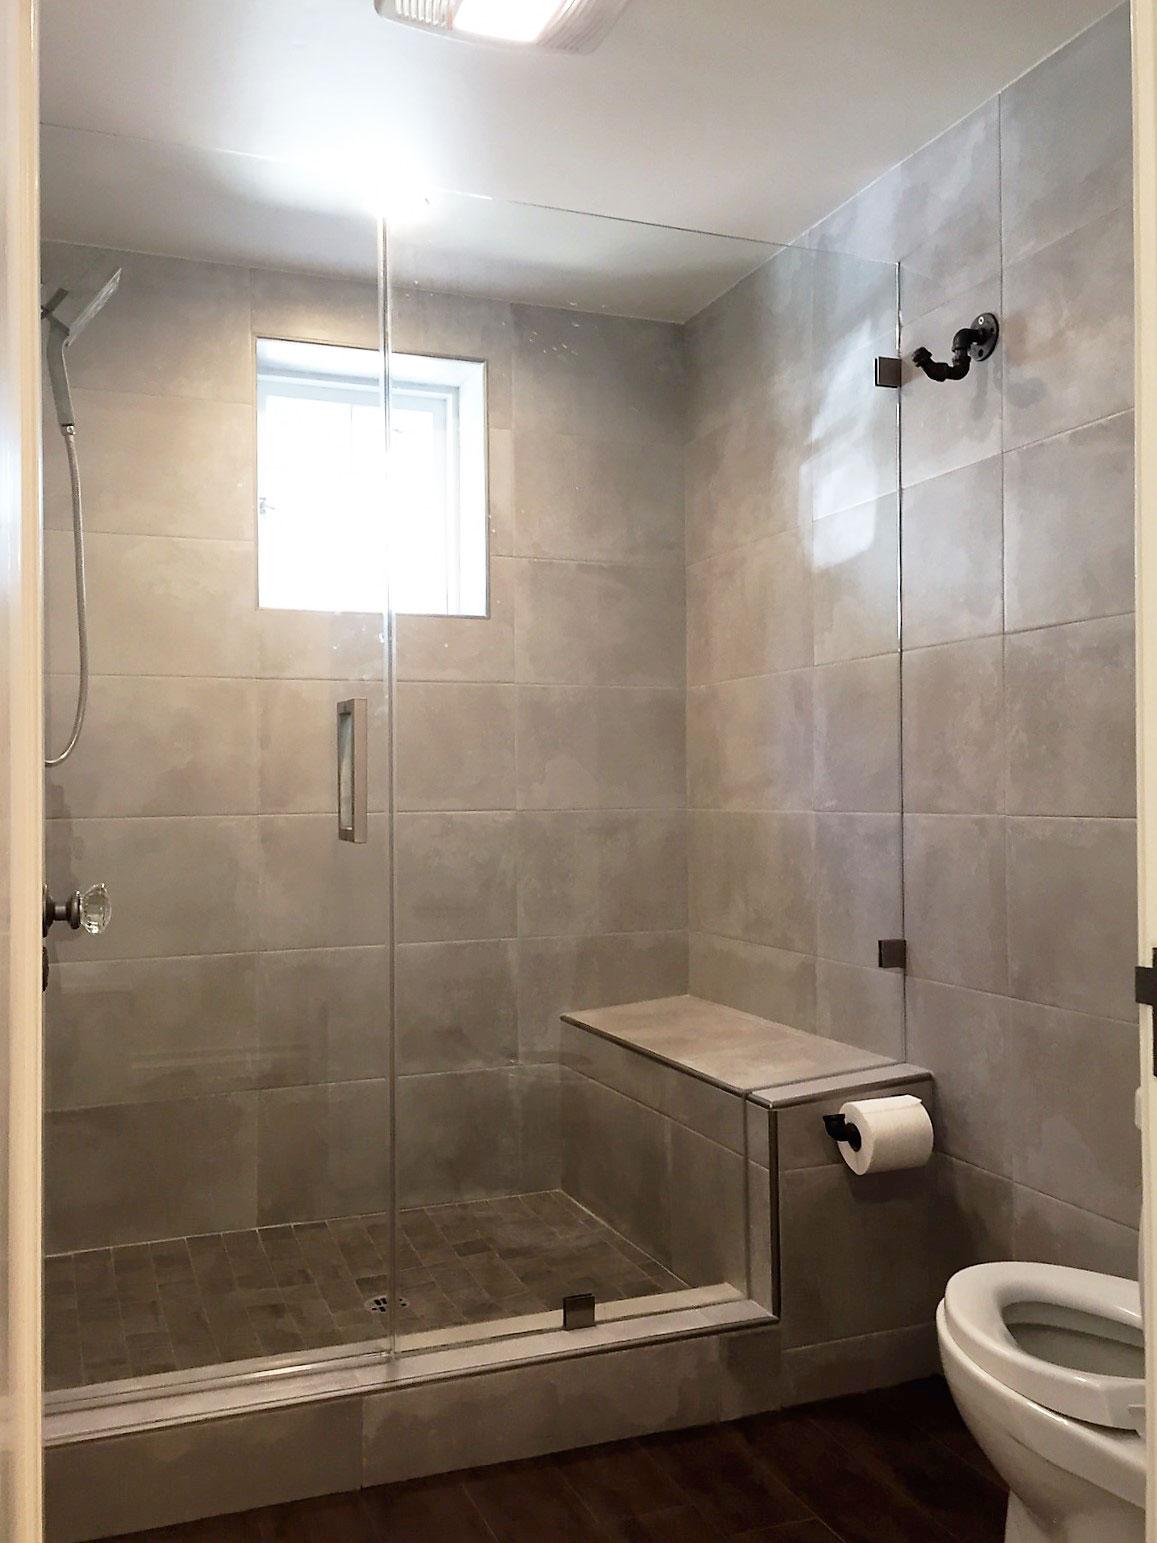 South Pasdena Bathroom